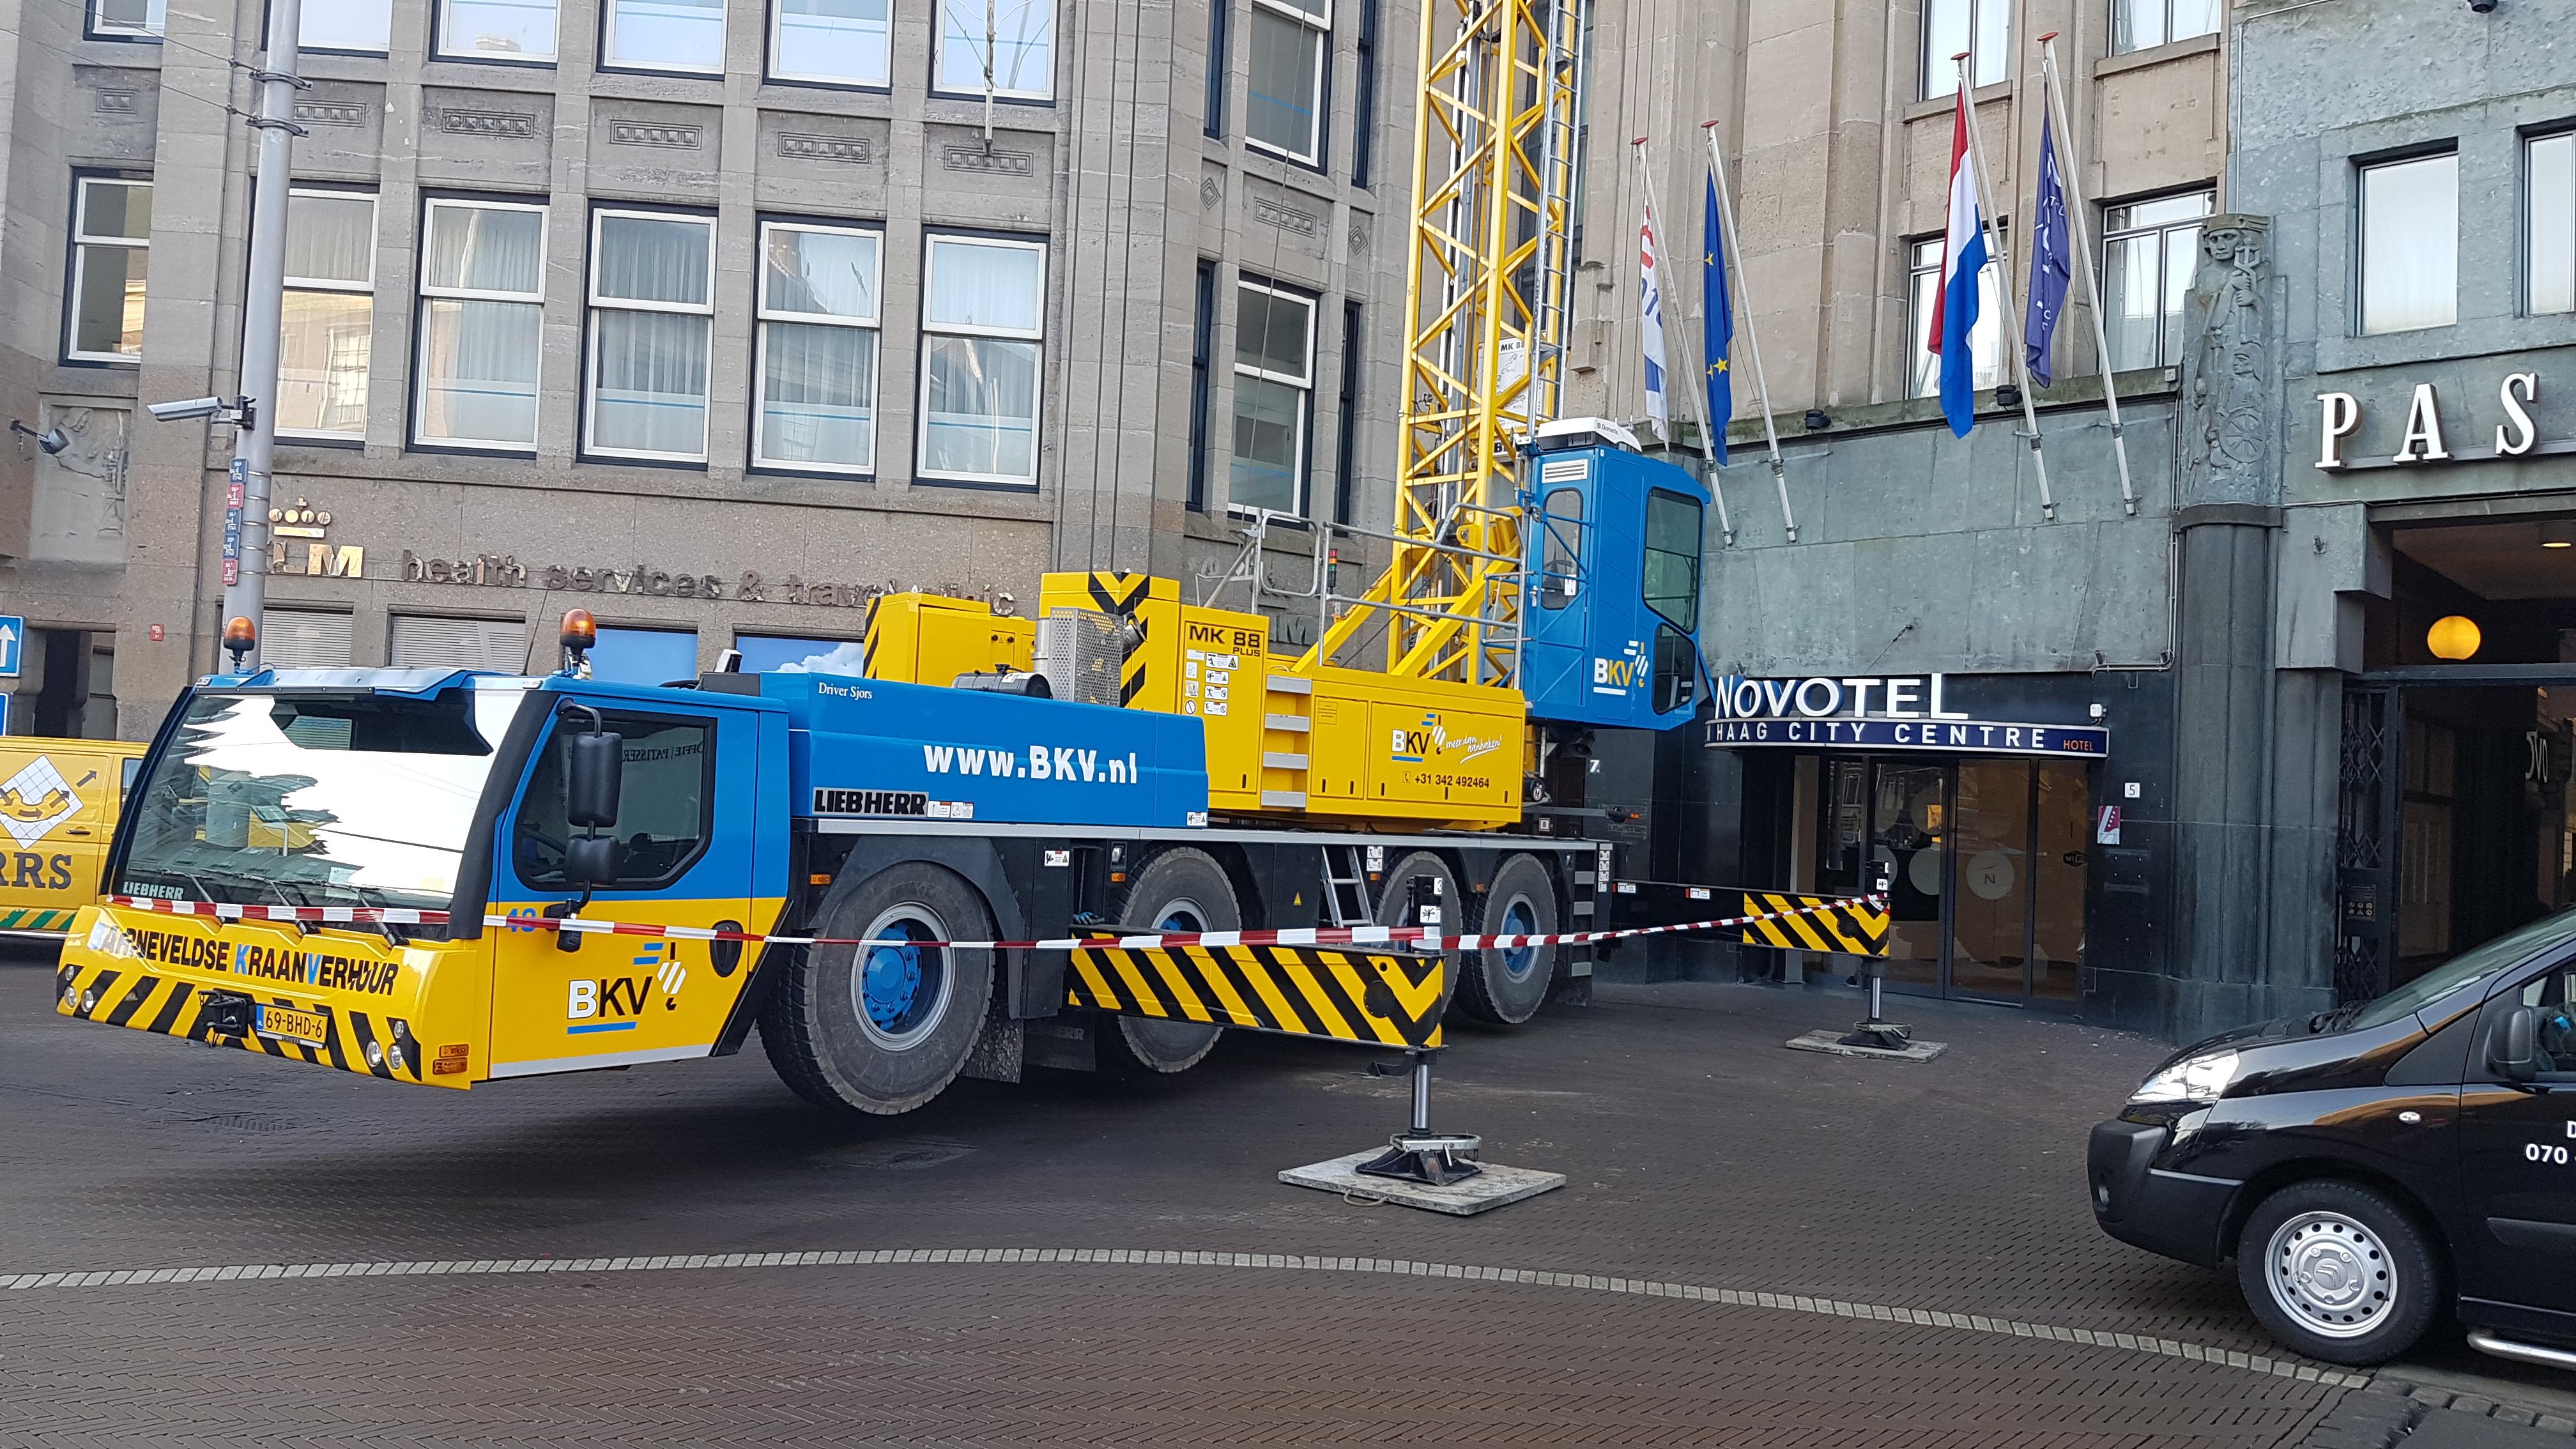 Barneveldse kraanverhuur actief in Den Haag; torenkraan naast het Novotel